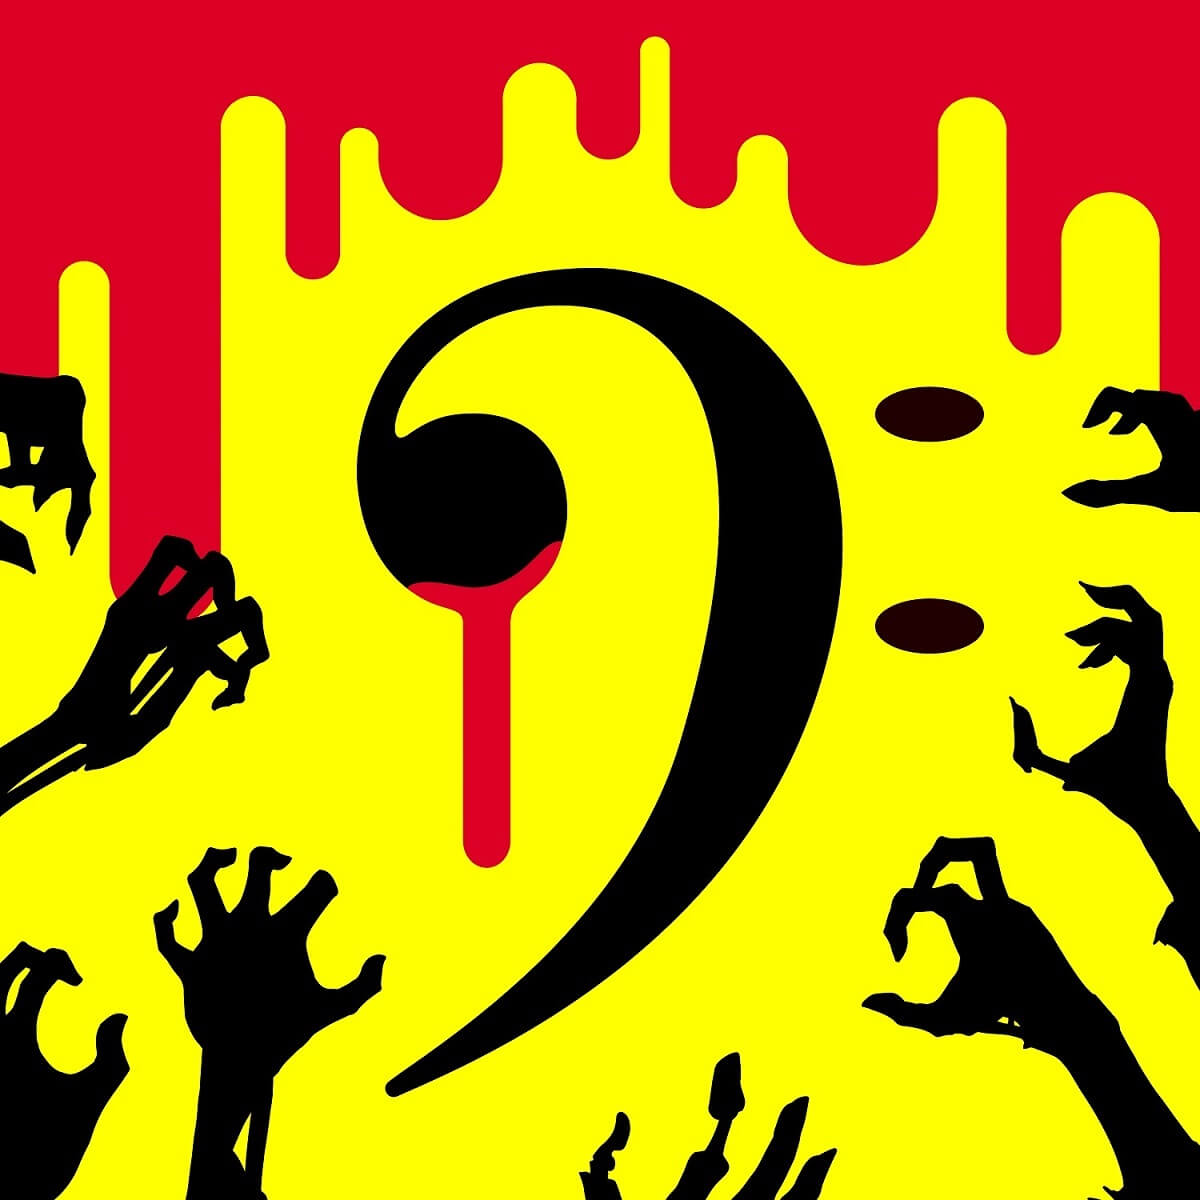 石野卓球、 新曲を怒涛の5週連続配信リリース!選りすぐりのメンツが参加 music190611_ishinotakkyu_5